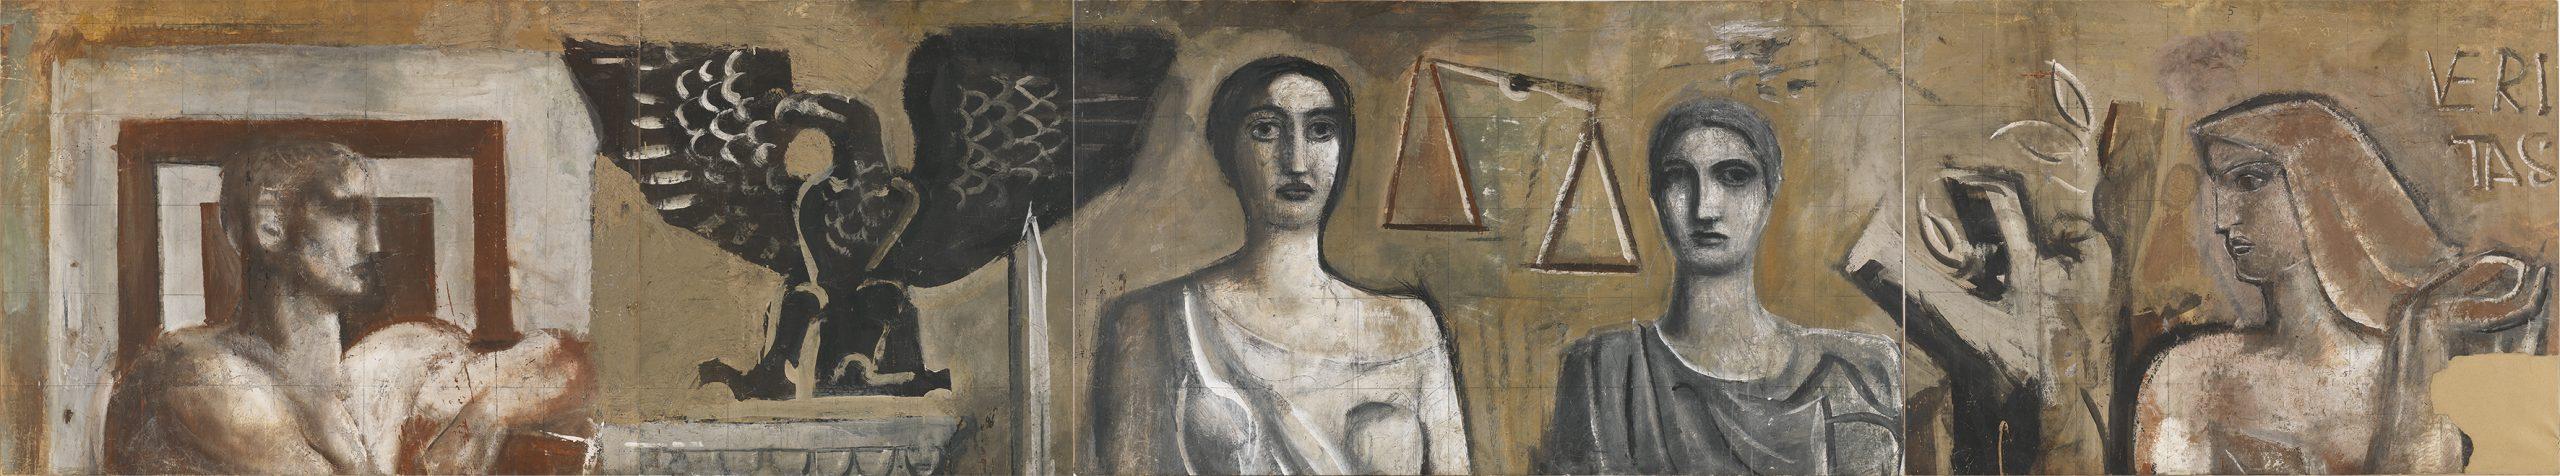 Mario Sironi, Studio preparatorio per La Giustizia tra la Forza, la Legge e la Verità, 1938 - © by SIAE 2021